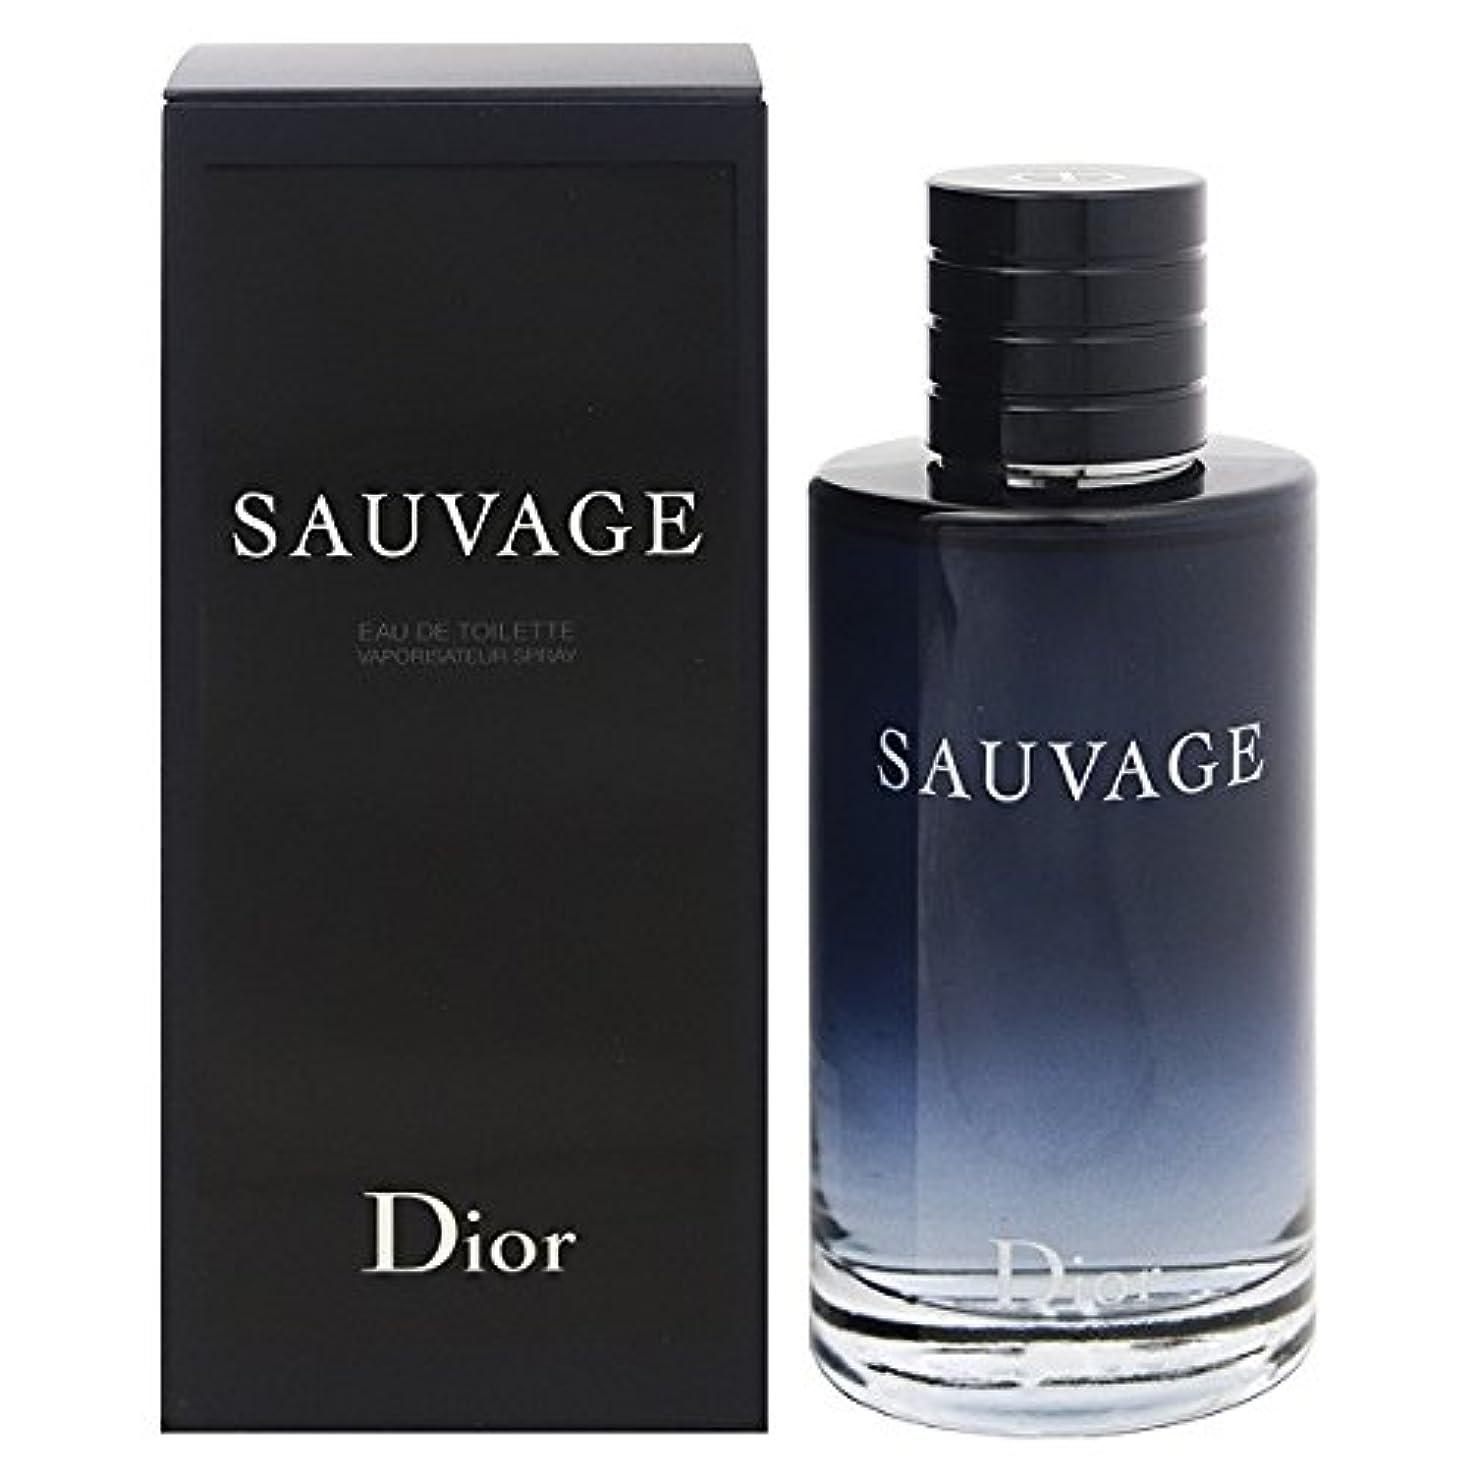 爆発する掘る最終的にクリスチャン ディオール(Christian Dior) ソヴァージュ EDT スプレー 200ml ソバージュ [並行輸入品]